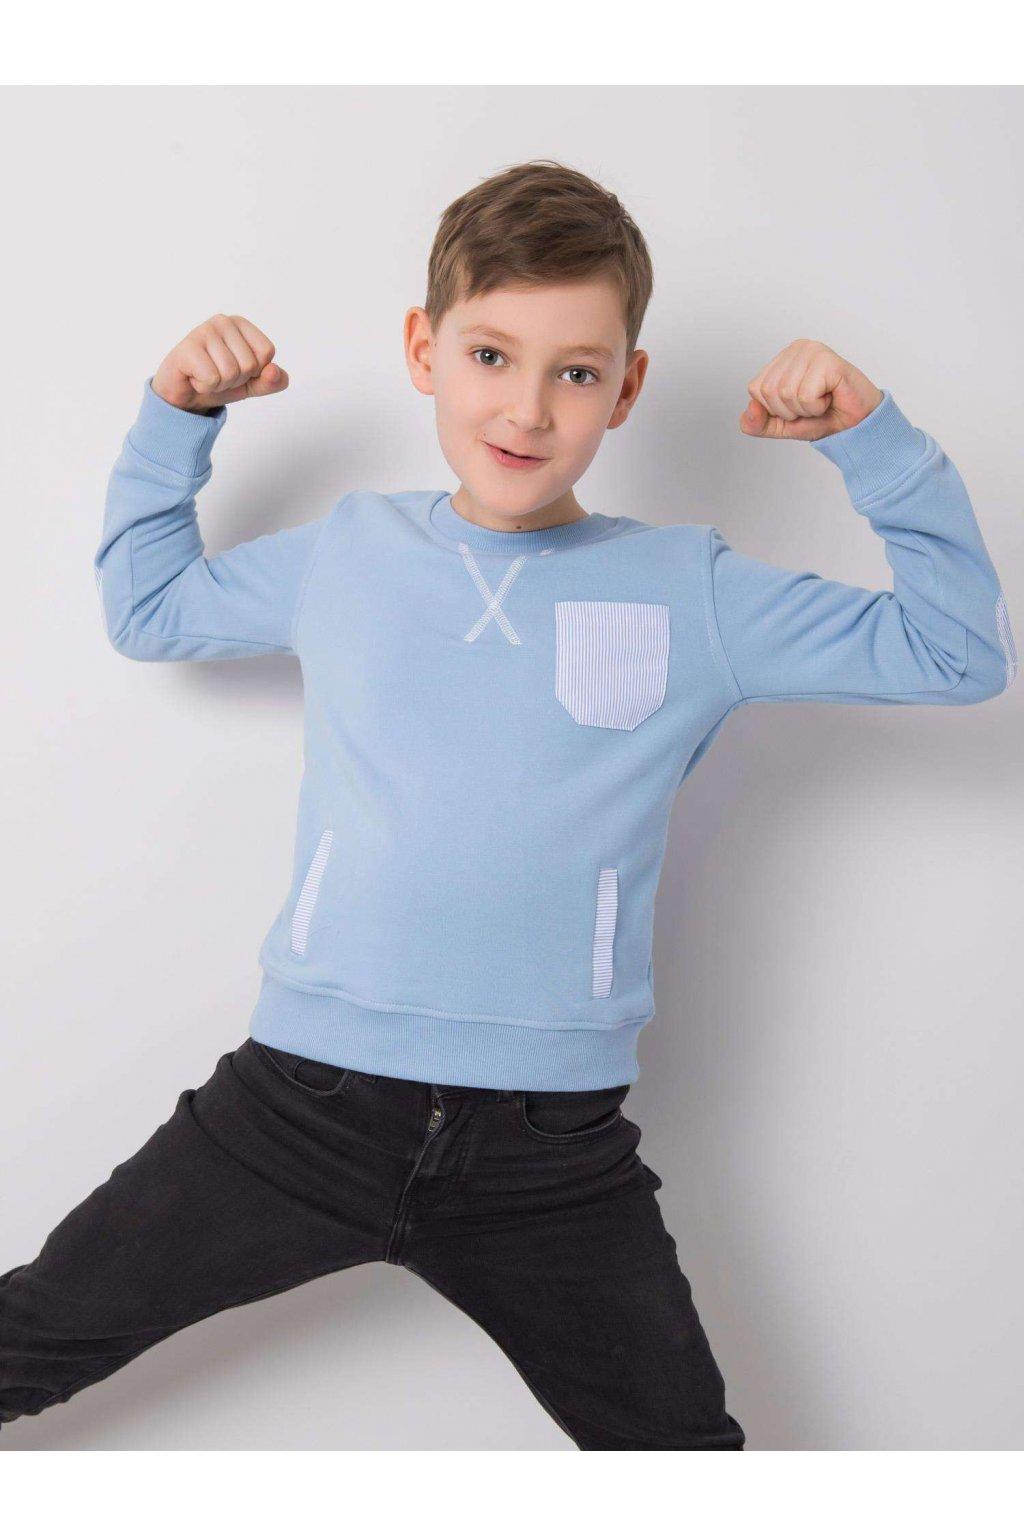 Detská chlapčenská mikina kód DK-BL-OUT04.96